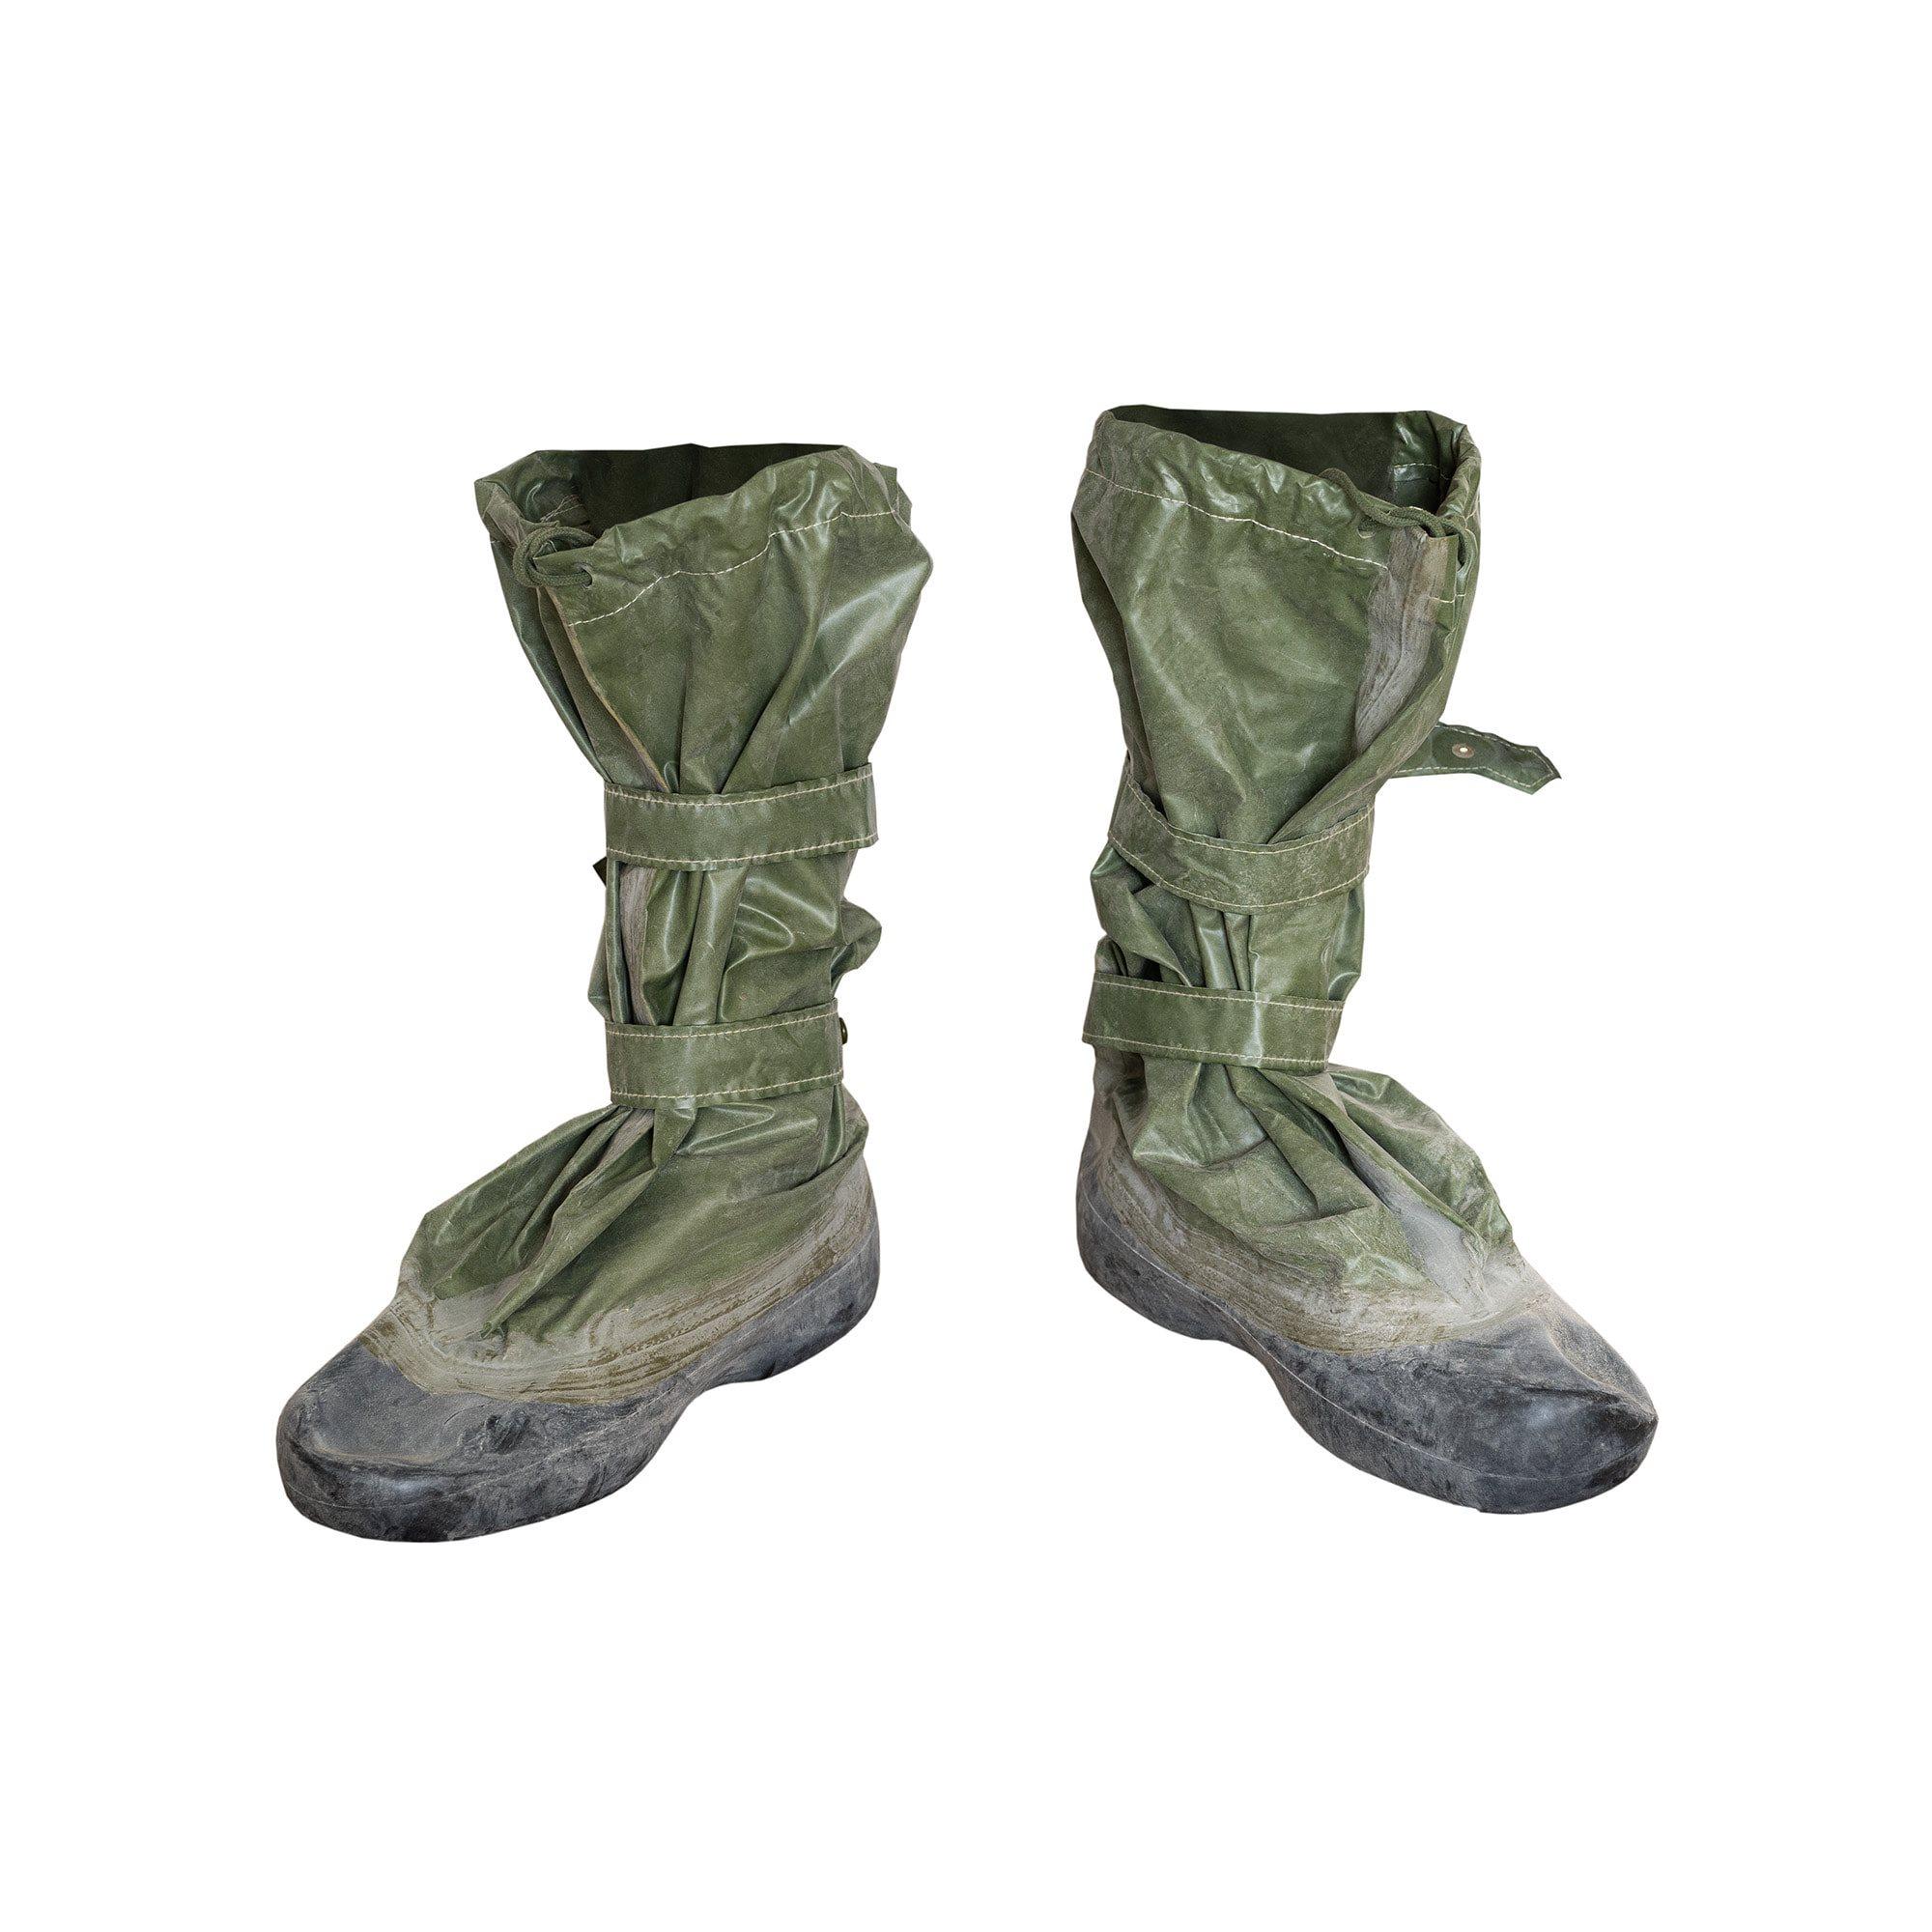 Atomkecky protichemická vojenská obuv